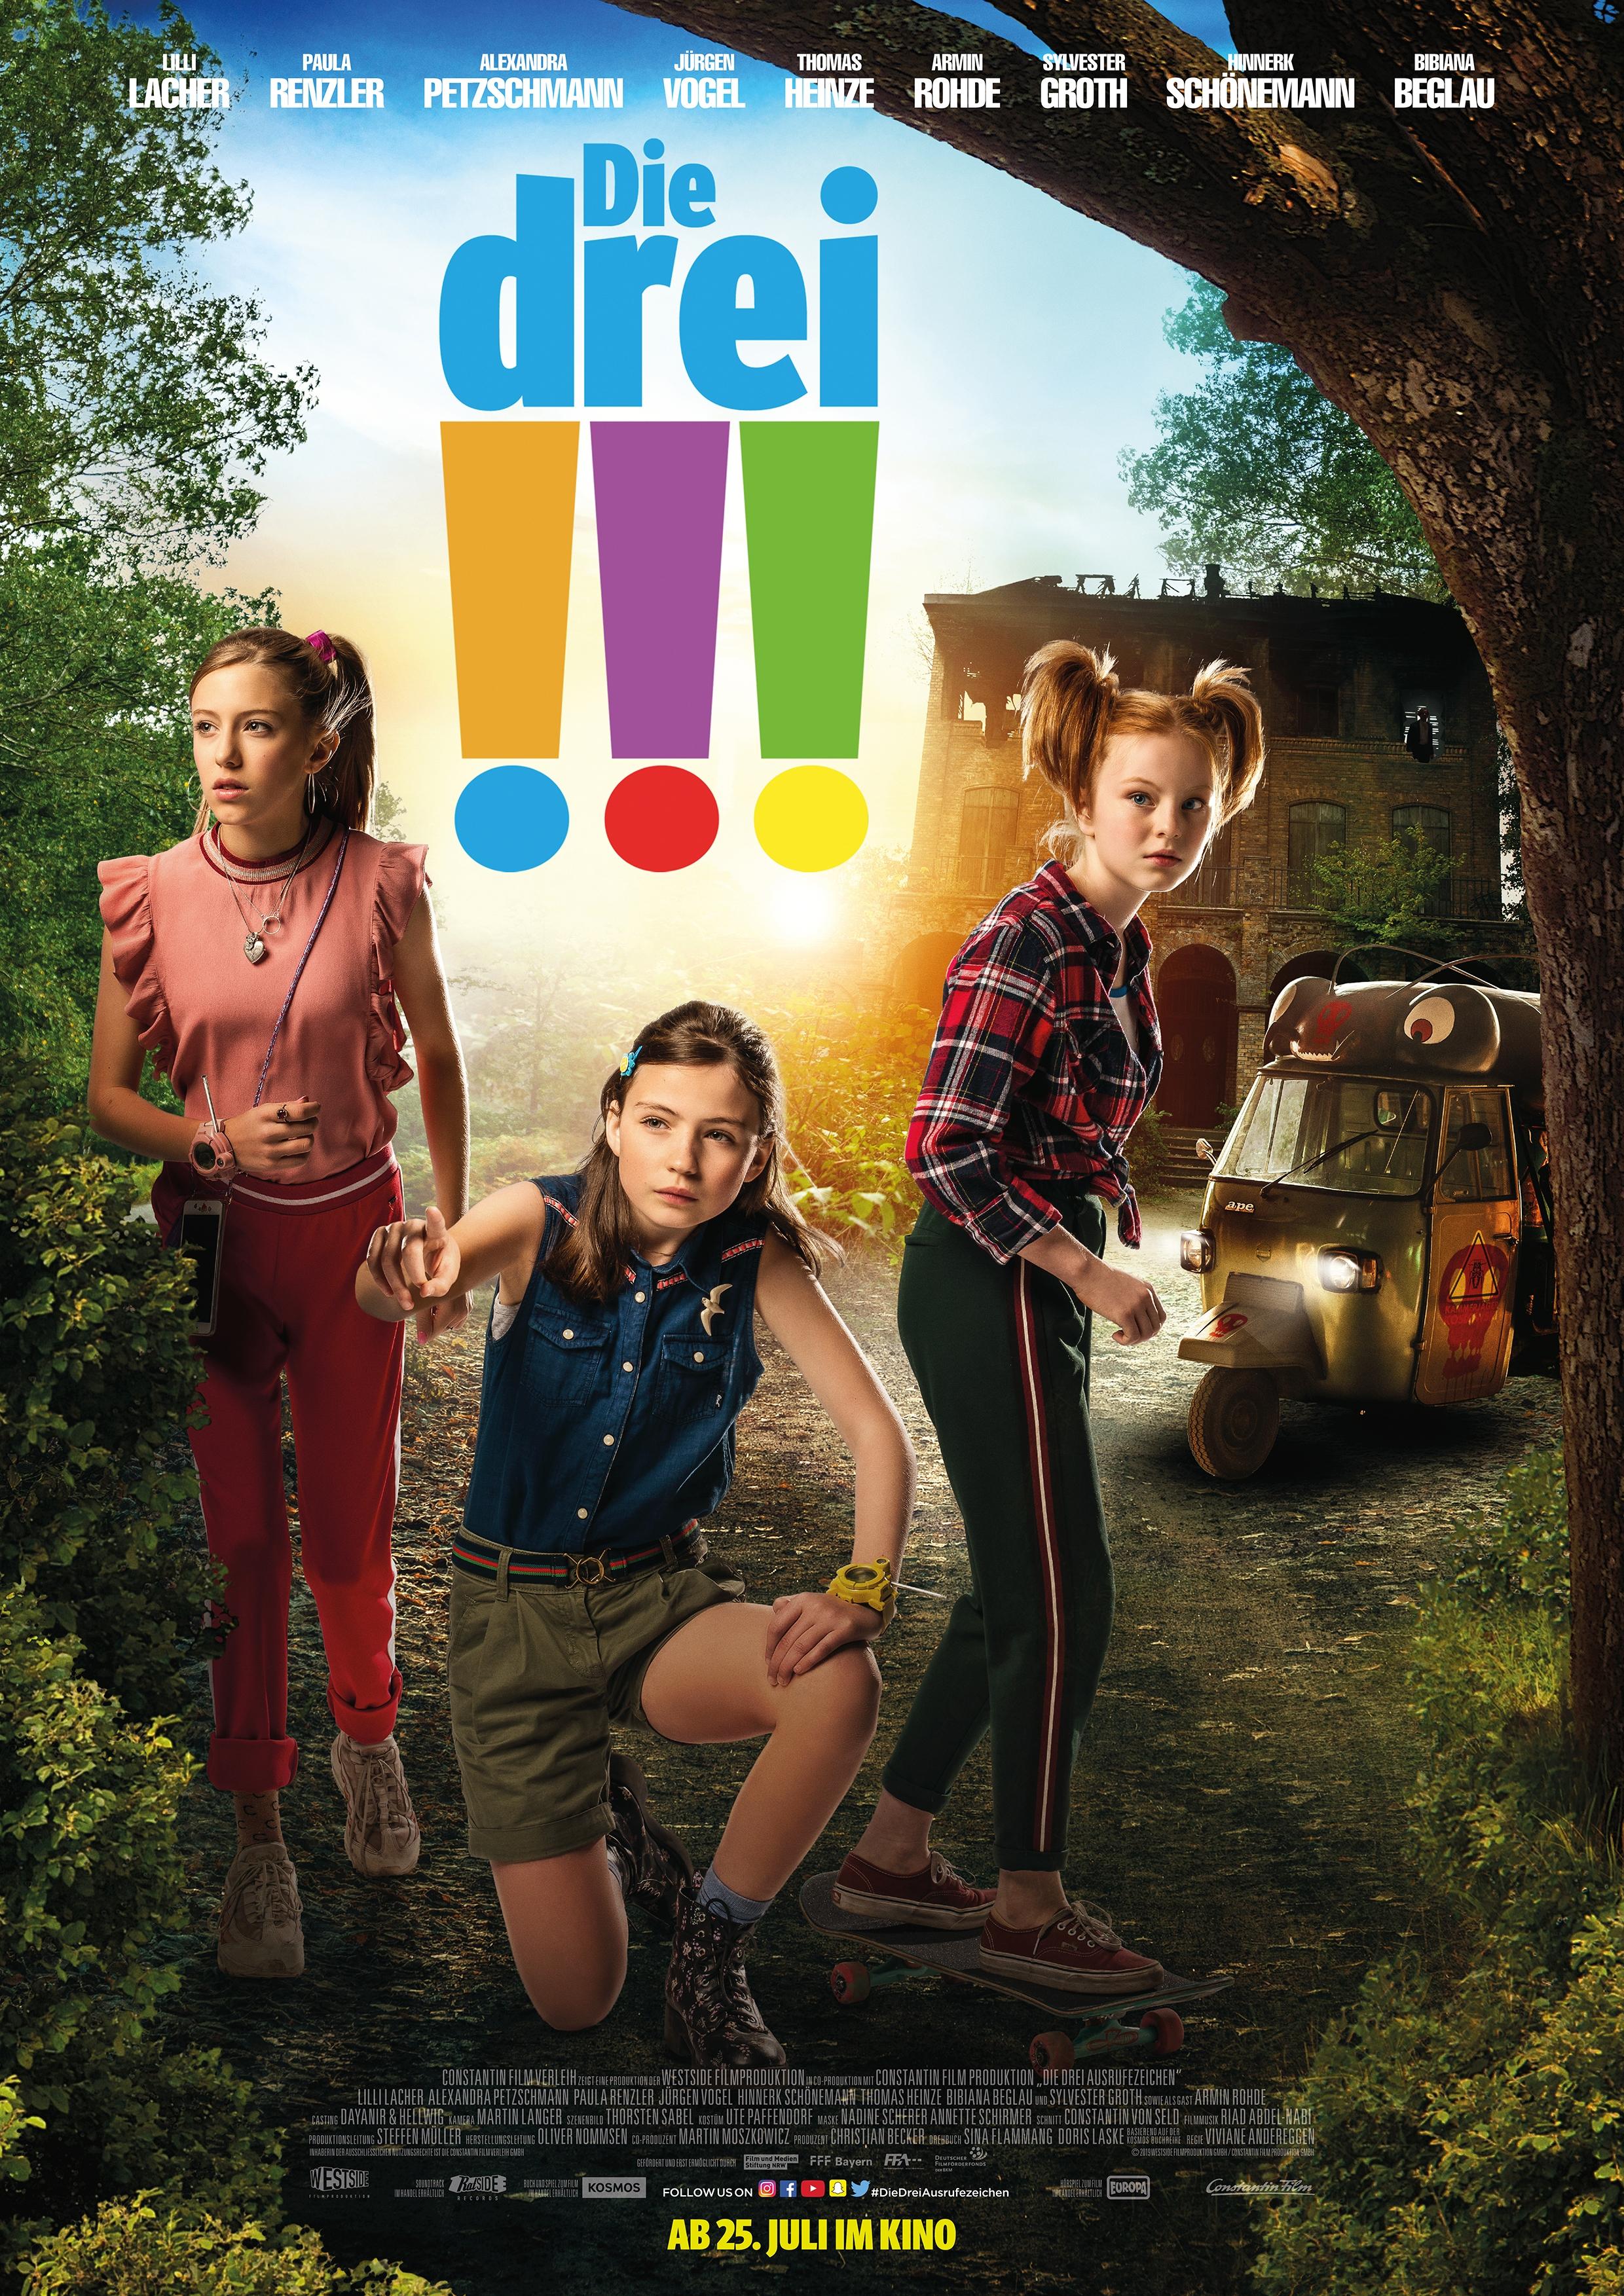 Die-Drei-Ausrufezeichen-Poster-2019_001.jpg